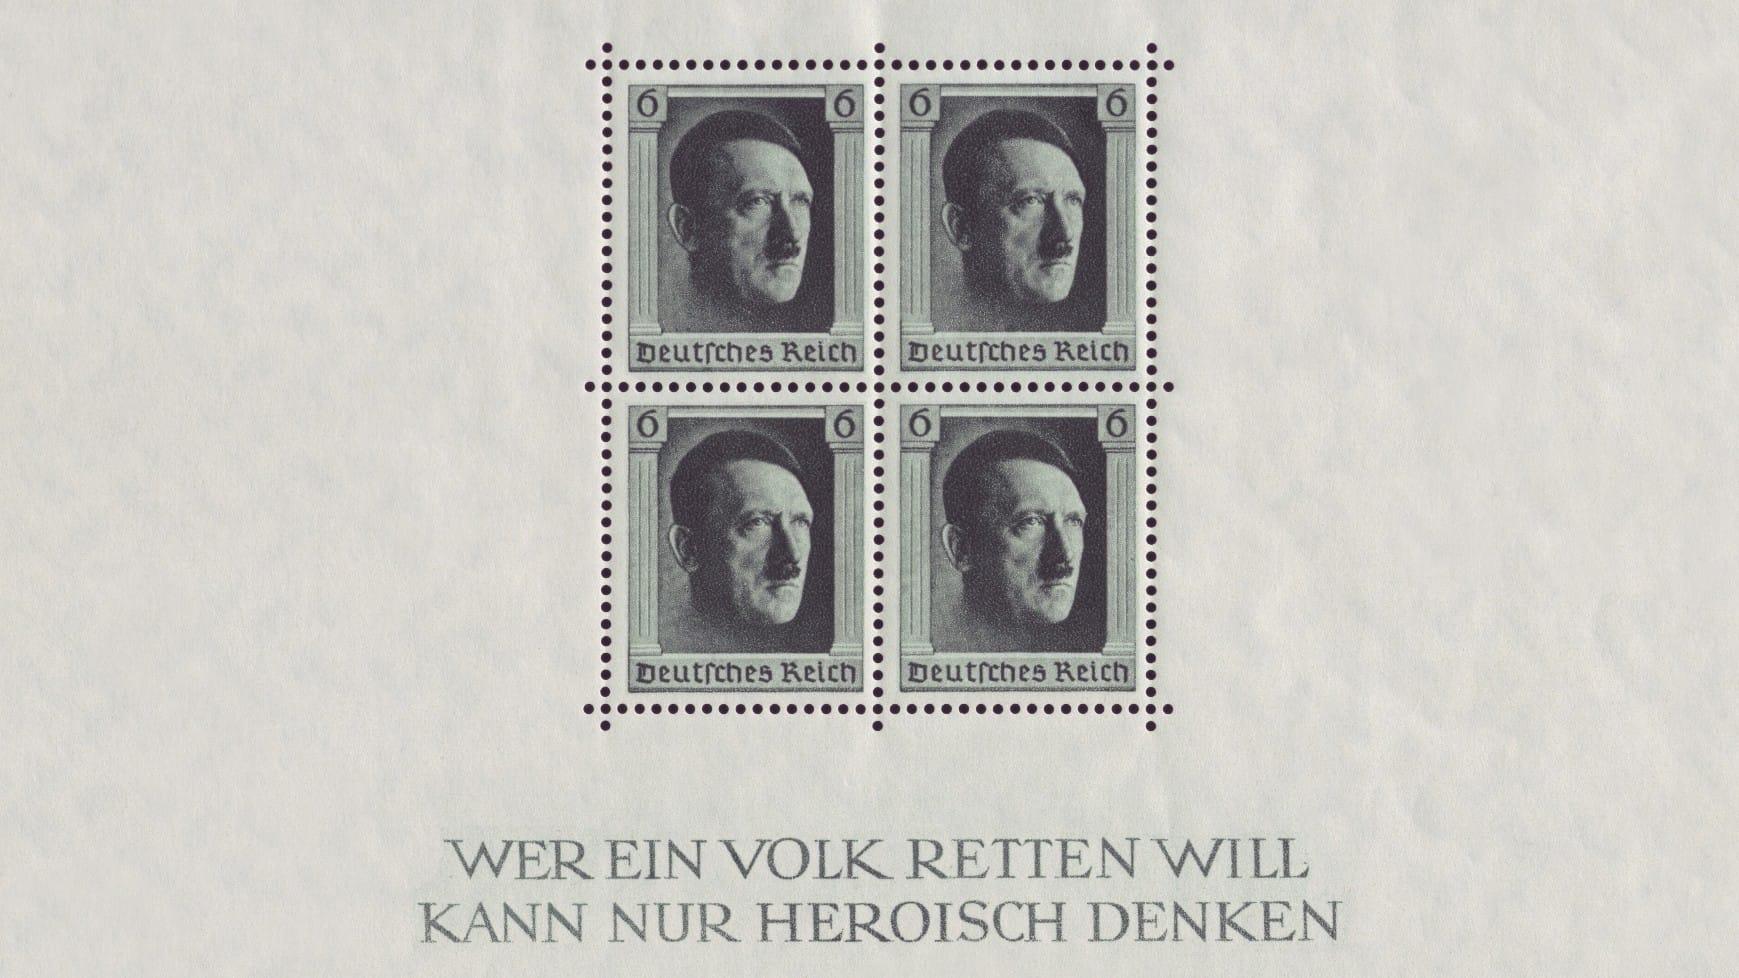 posta reich hitler 1920